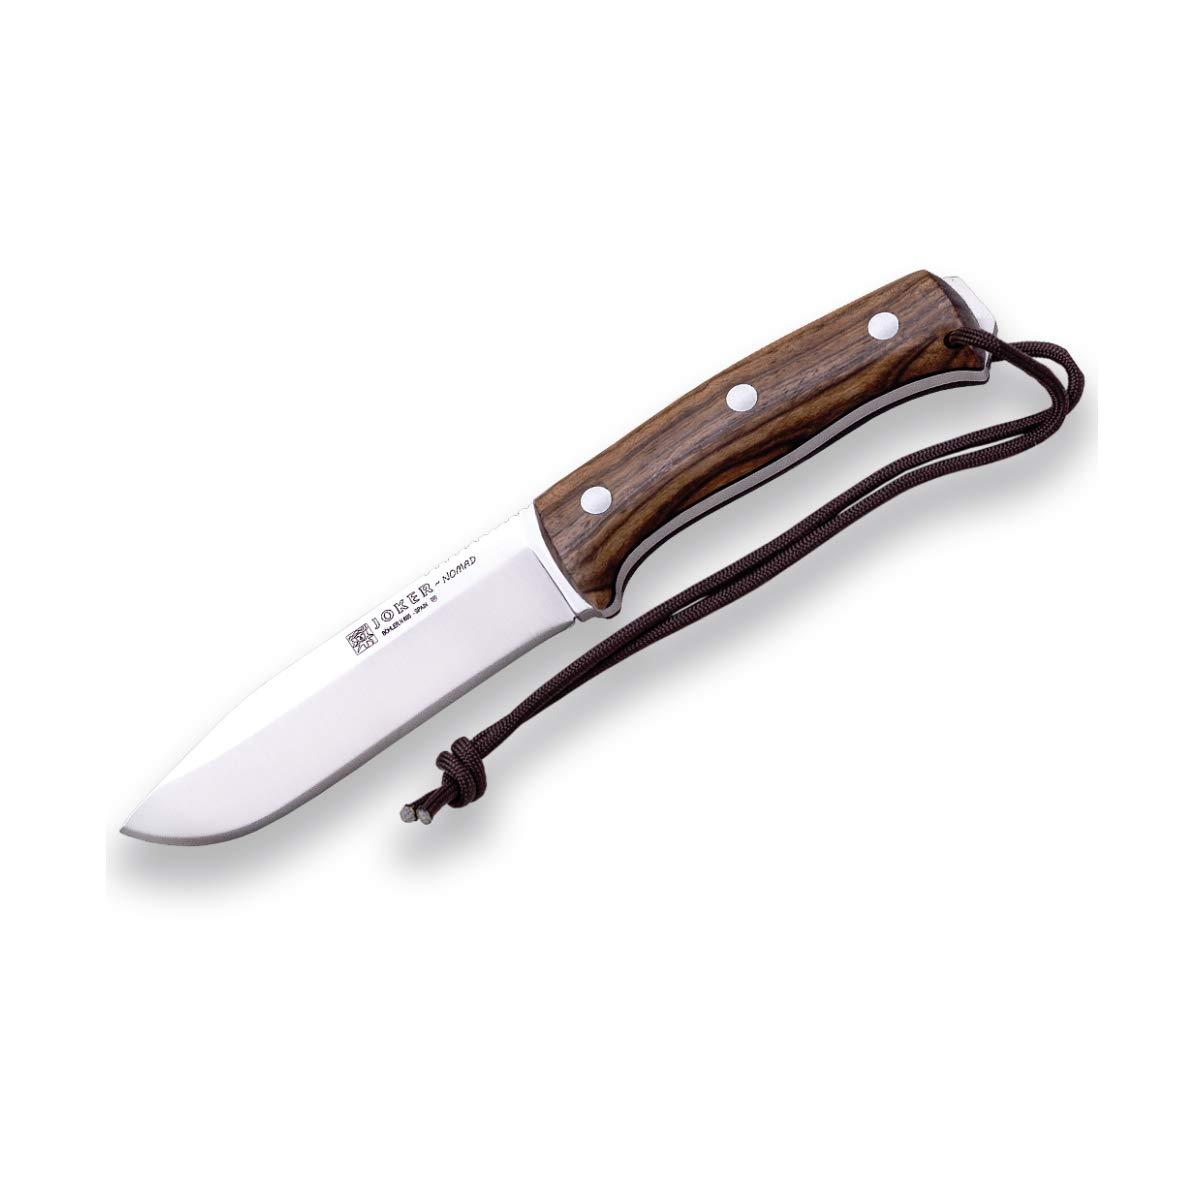 Joker Cuchillo de Caza Nomad CN125-P, 12,7 cm de Hoja, Funda Piel Negra, Mango Nogal, Incluye pedernal, Herramienta de Pesca, Caza, Camping y ...